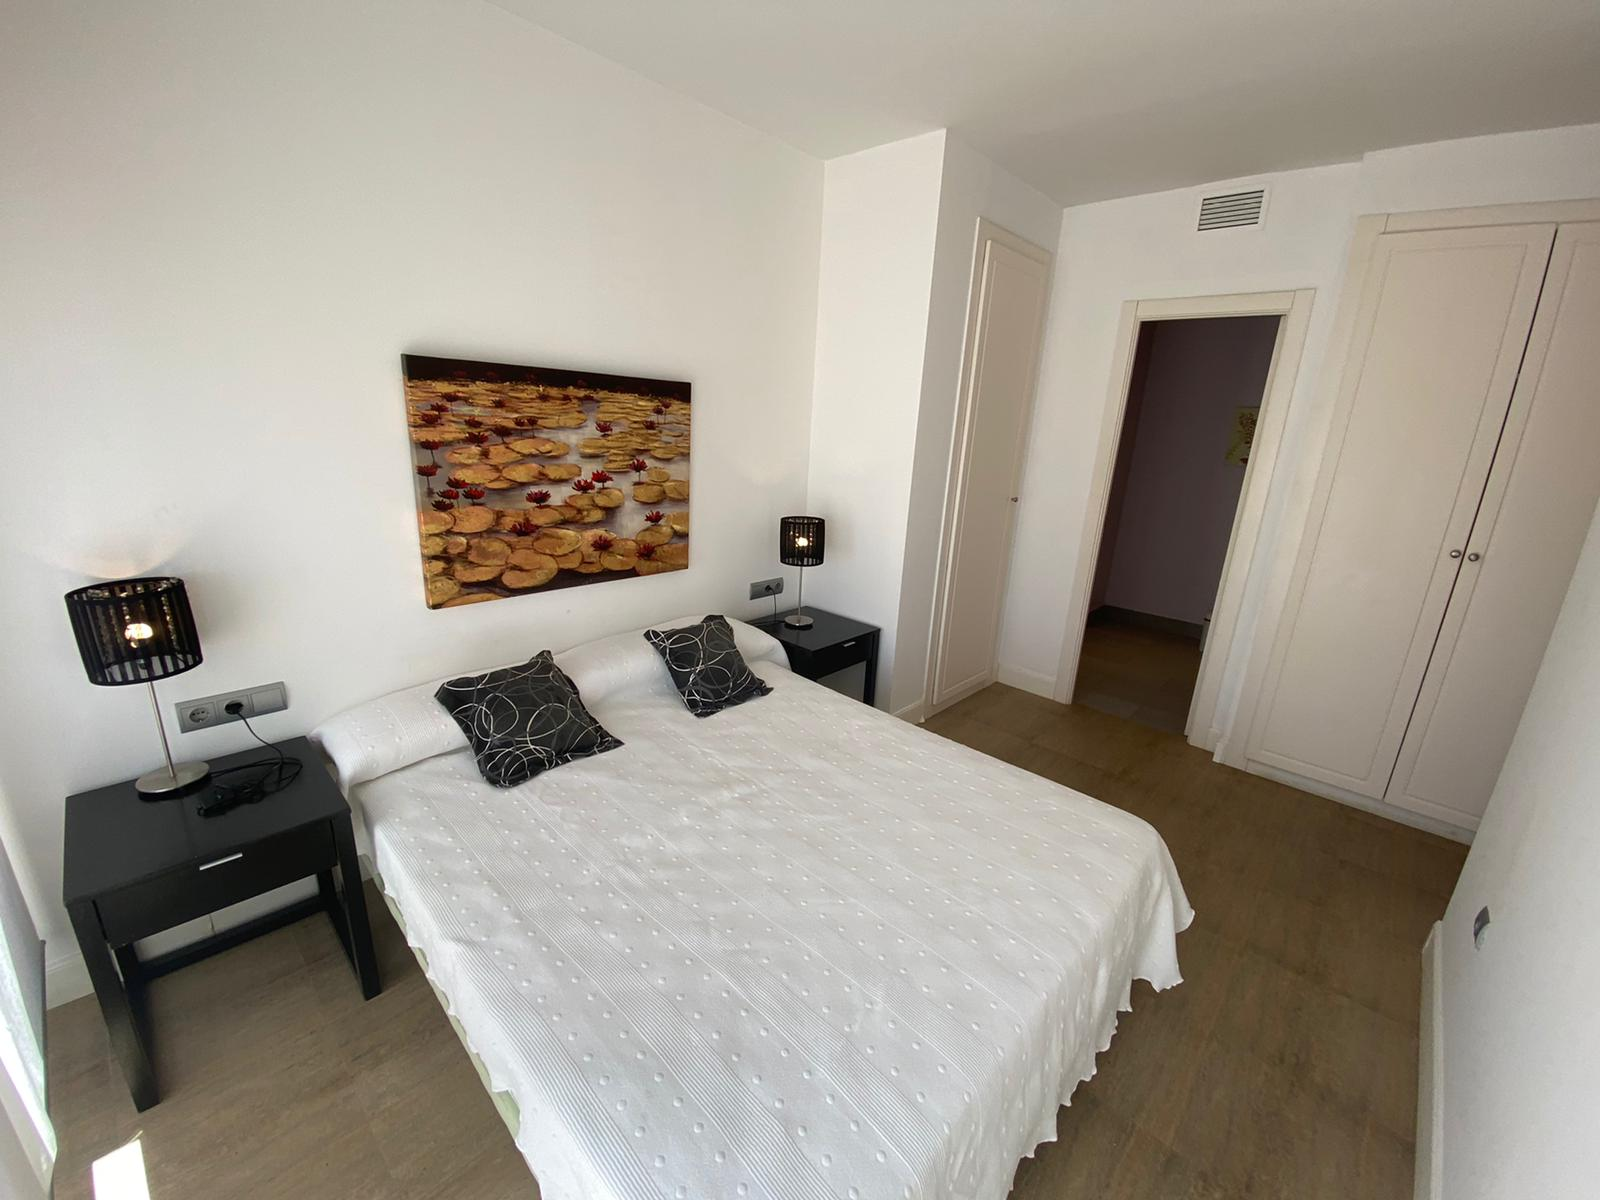 Imagen 8 del Apartamento Turístico, Ático 7 Poniente (3d+2b), Punta del Moral (HUELVA), Paseo de la Cruz nº22